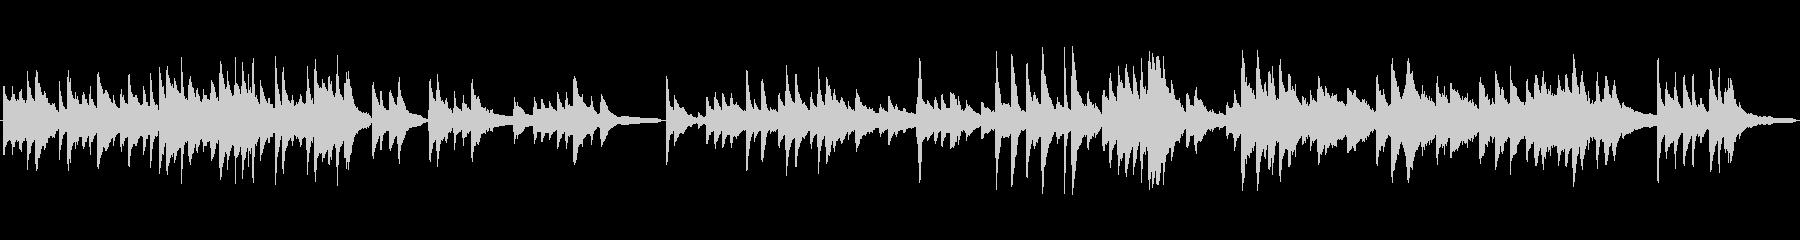 冬のように切ないピアノソロ、ループ音源の未再生の波形